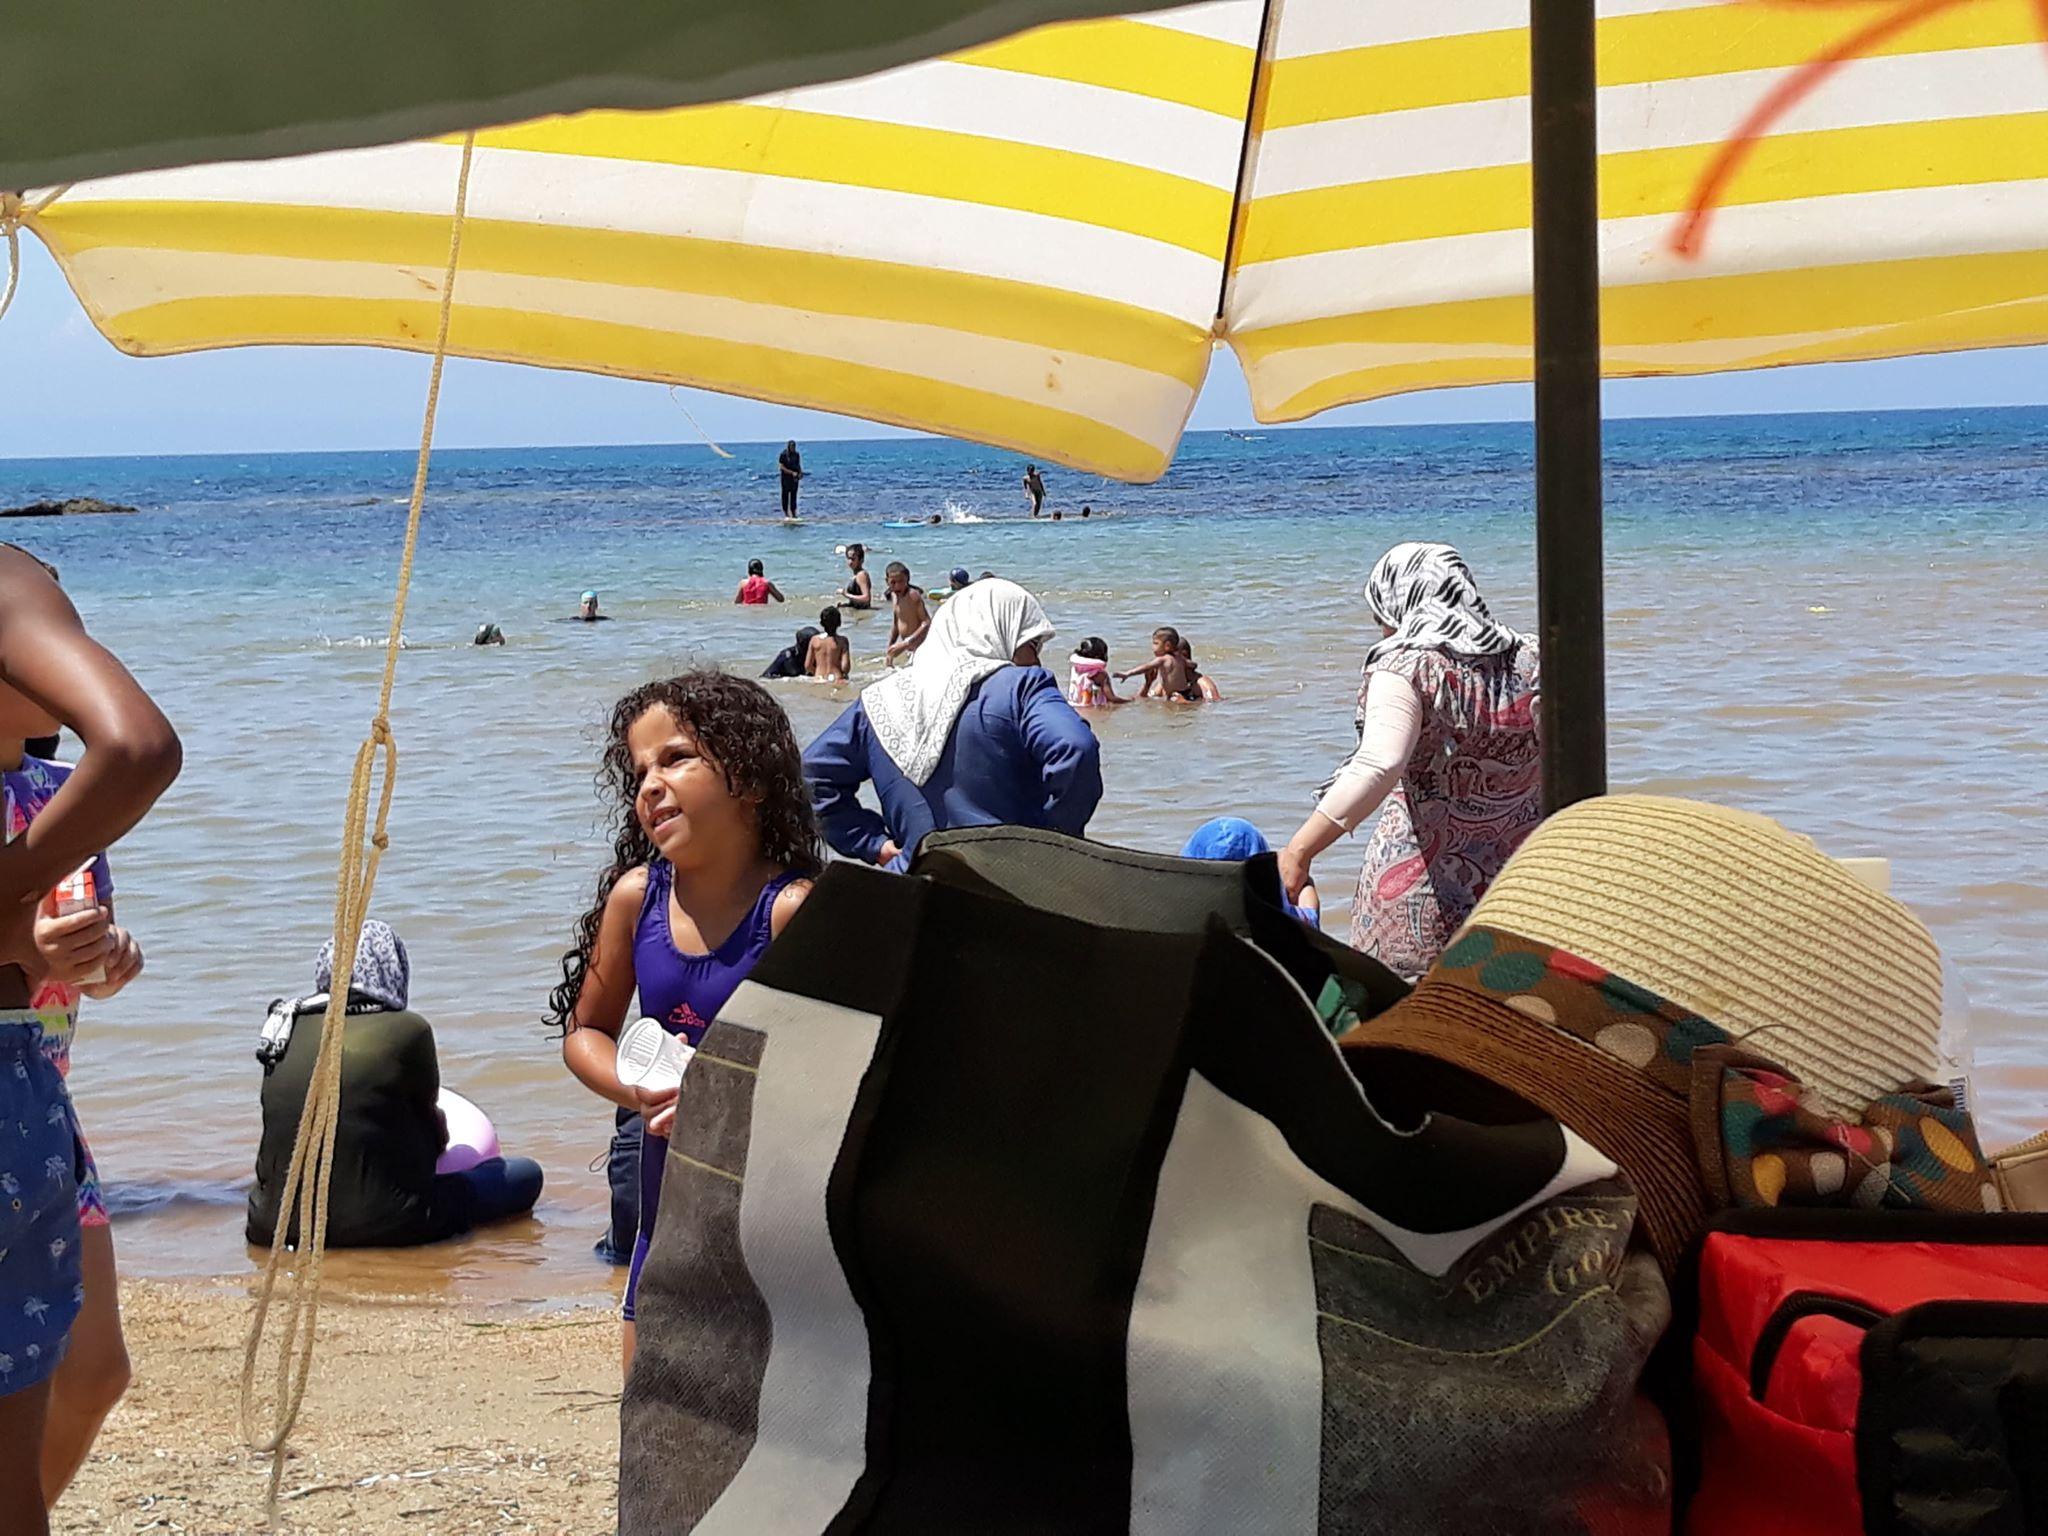 موكب السيارات في رحلة للبحر - كافل اليتيم الوطنية - مكتب ولاية عنابة